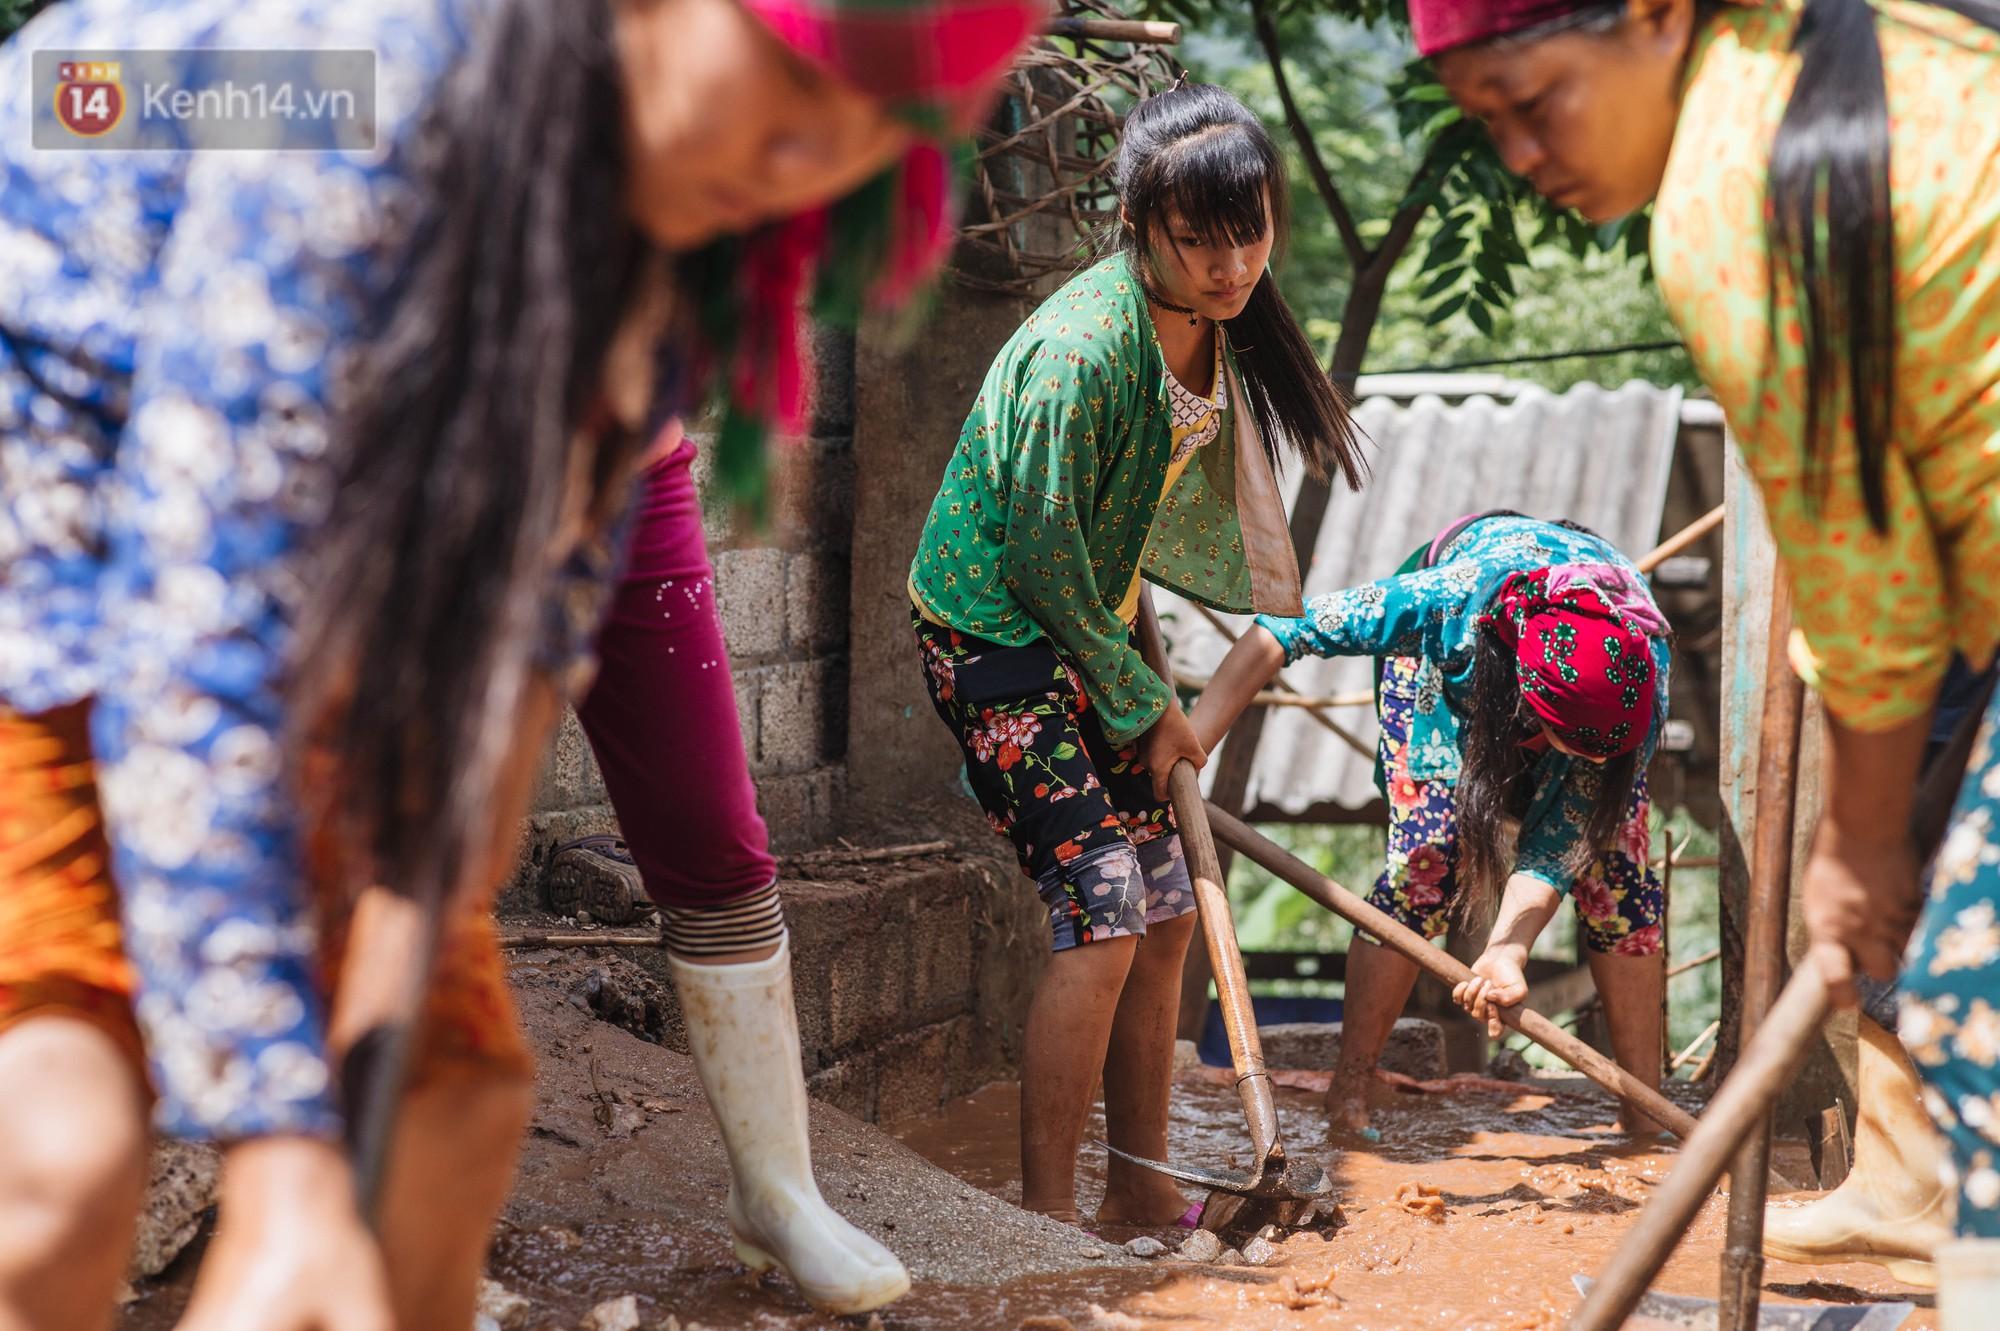 Trận lũ đau thương ở Hà Giang trong vòng 10 năm qua: 'Giờ đâu còn nhà nữa, mất hết, lũ cuốn trôi hết rồi...' 14